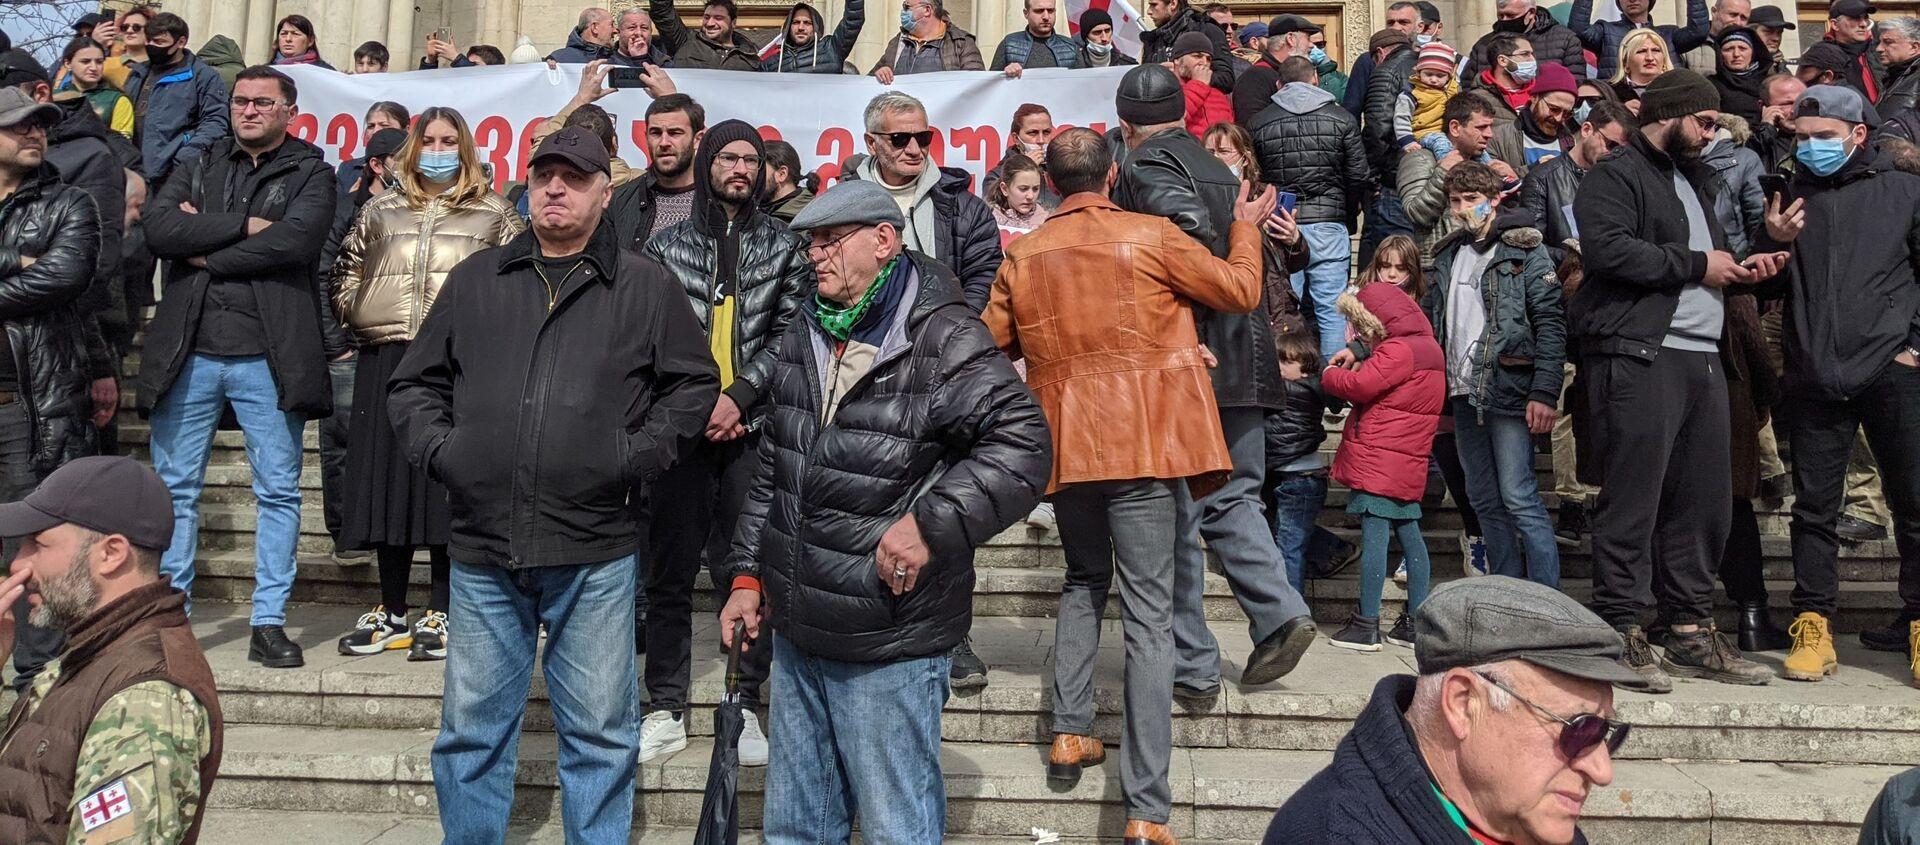 Акция протеста против строительства НамахваниГЭС 28 февраля 2021 года - Sputnik Грузия, 1920, 04.03.2021